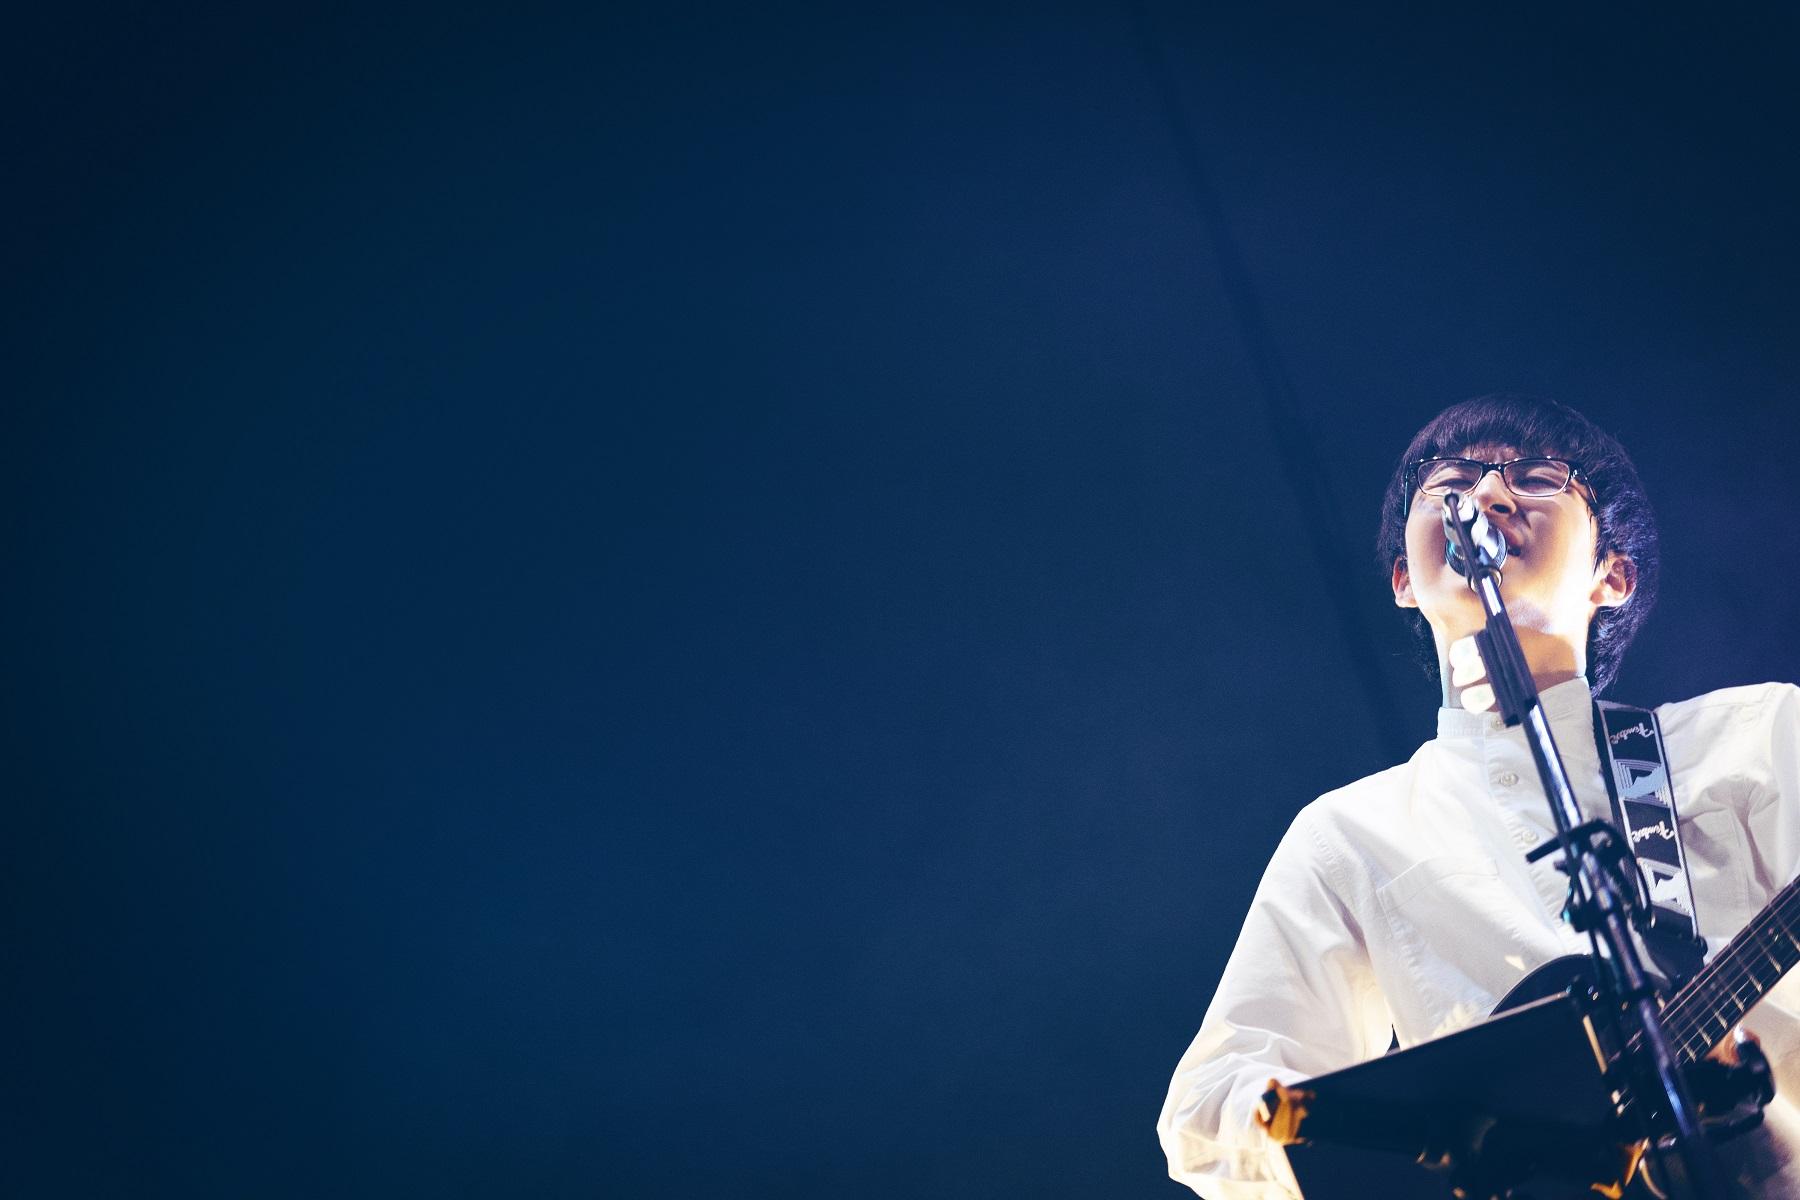 【新曲&ライブレポ】崎山蒼志、フジ連続ドラマ主題歌含む2曲入り配信シングルリリース!